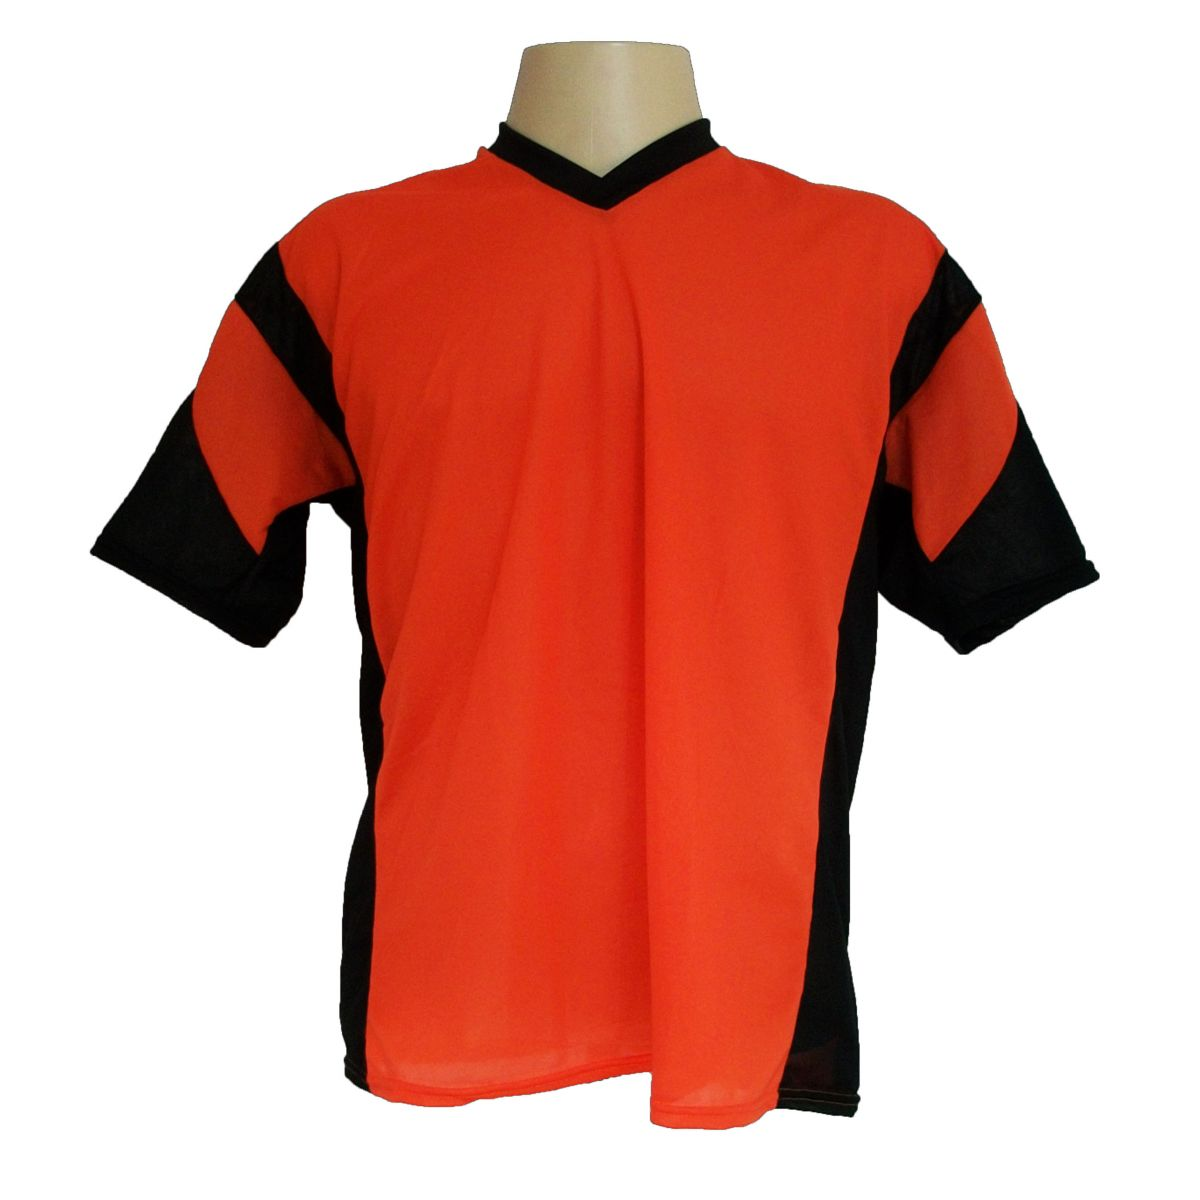 Jogo de Camisa Promocional com 18 Peças Numeradas Modelo Attack Laranja/Preto